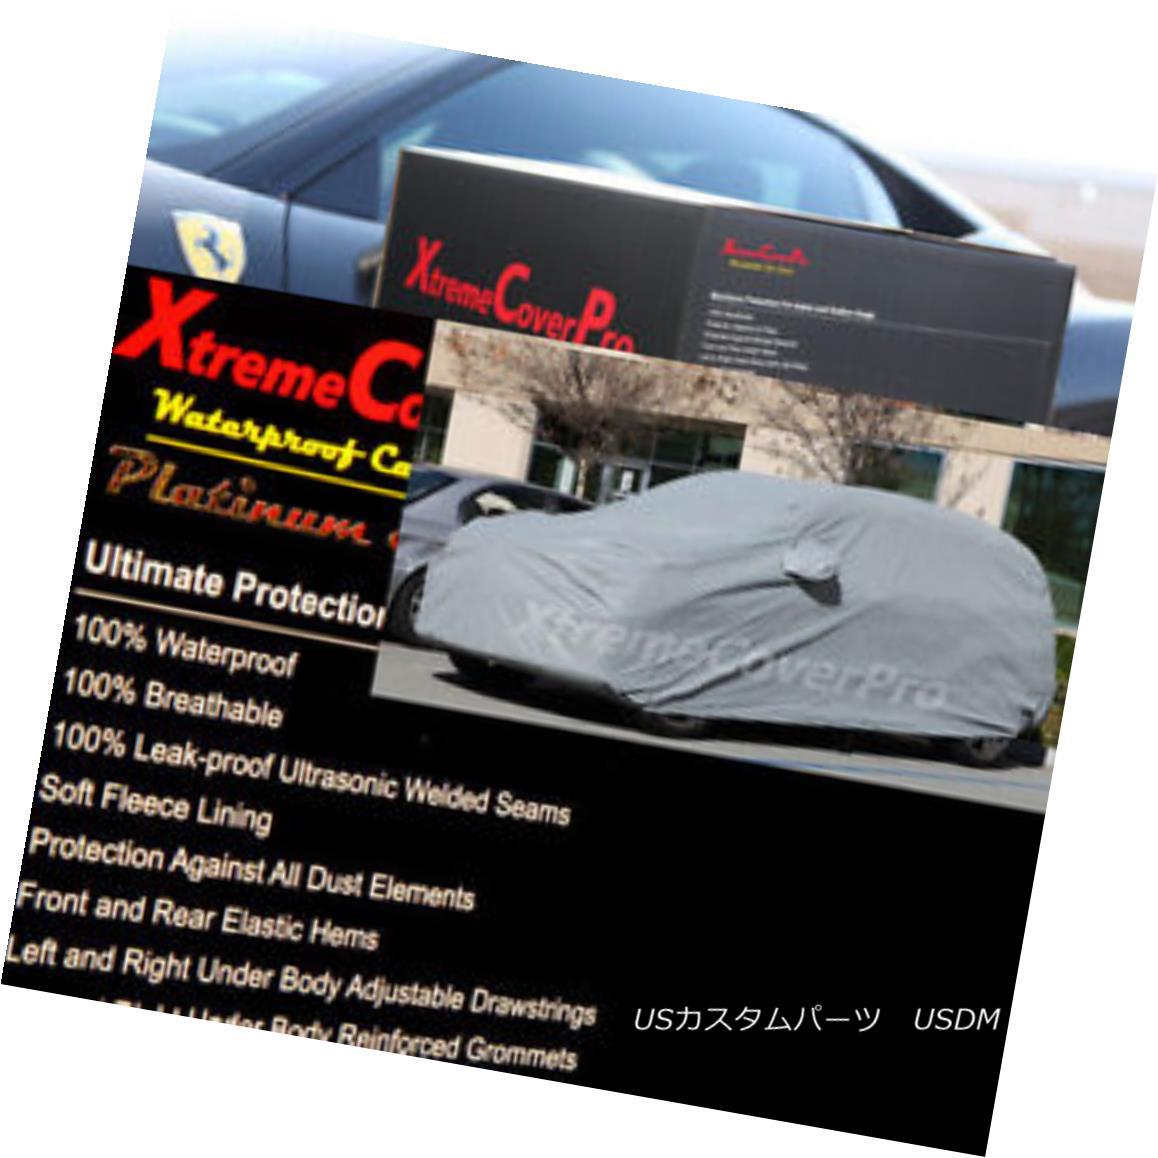 カーカバー 2010 2011 2012 Mazda CX-7 Waterproof Car Cover w/MirrorPocket MirrorPocketを搭載した2010年2011年マツダCX-7防水カーカバー